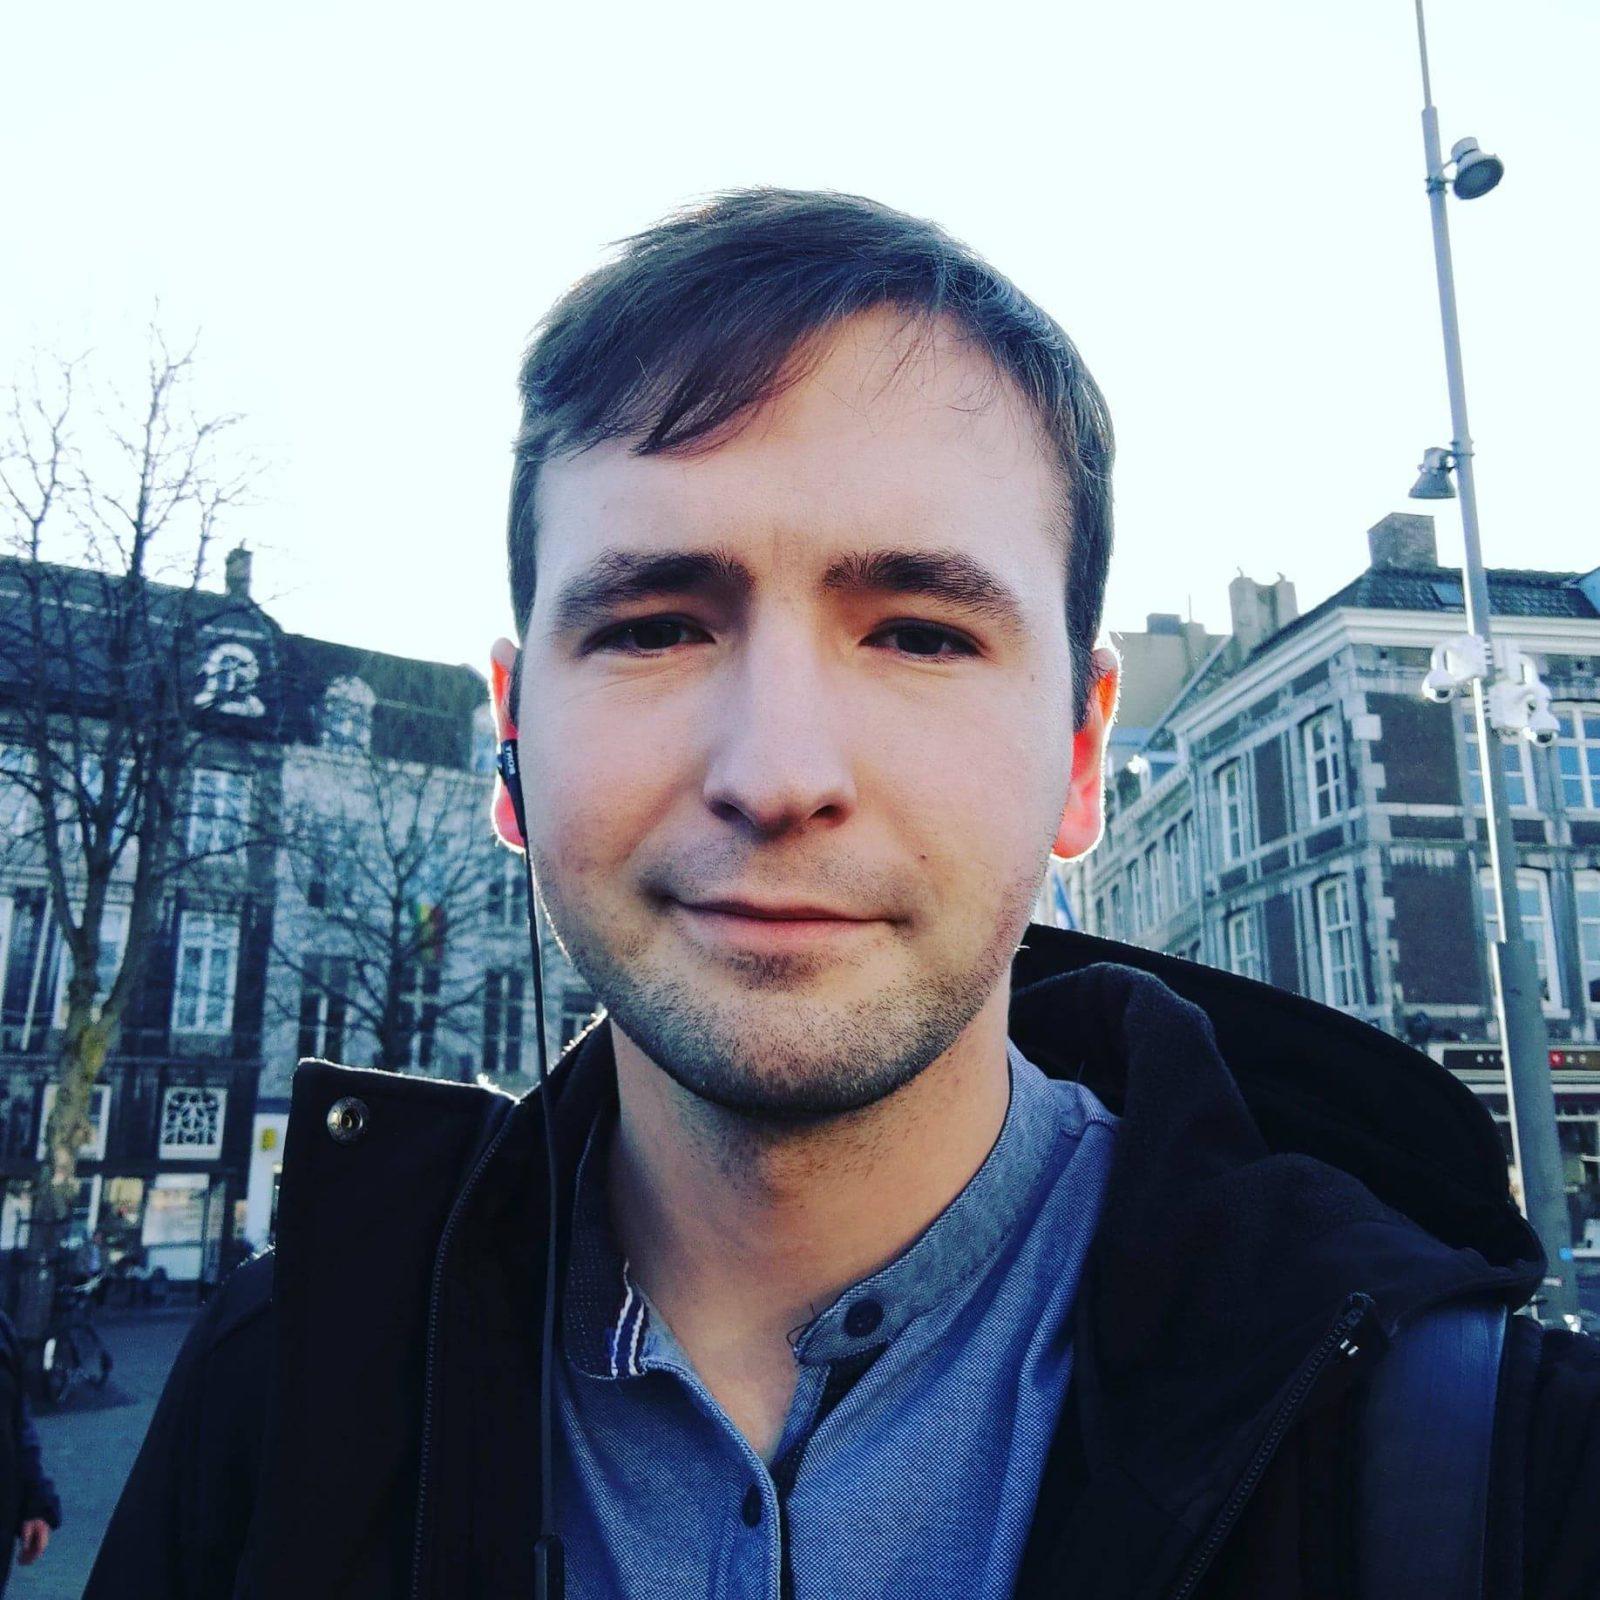 Sebastian_Sadowski